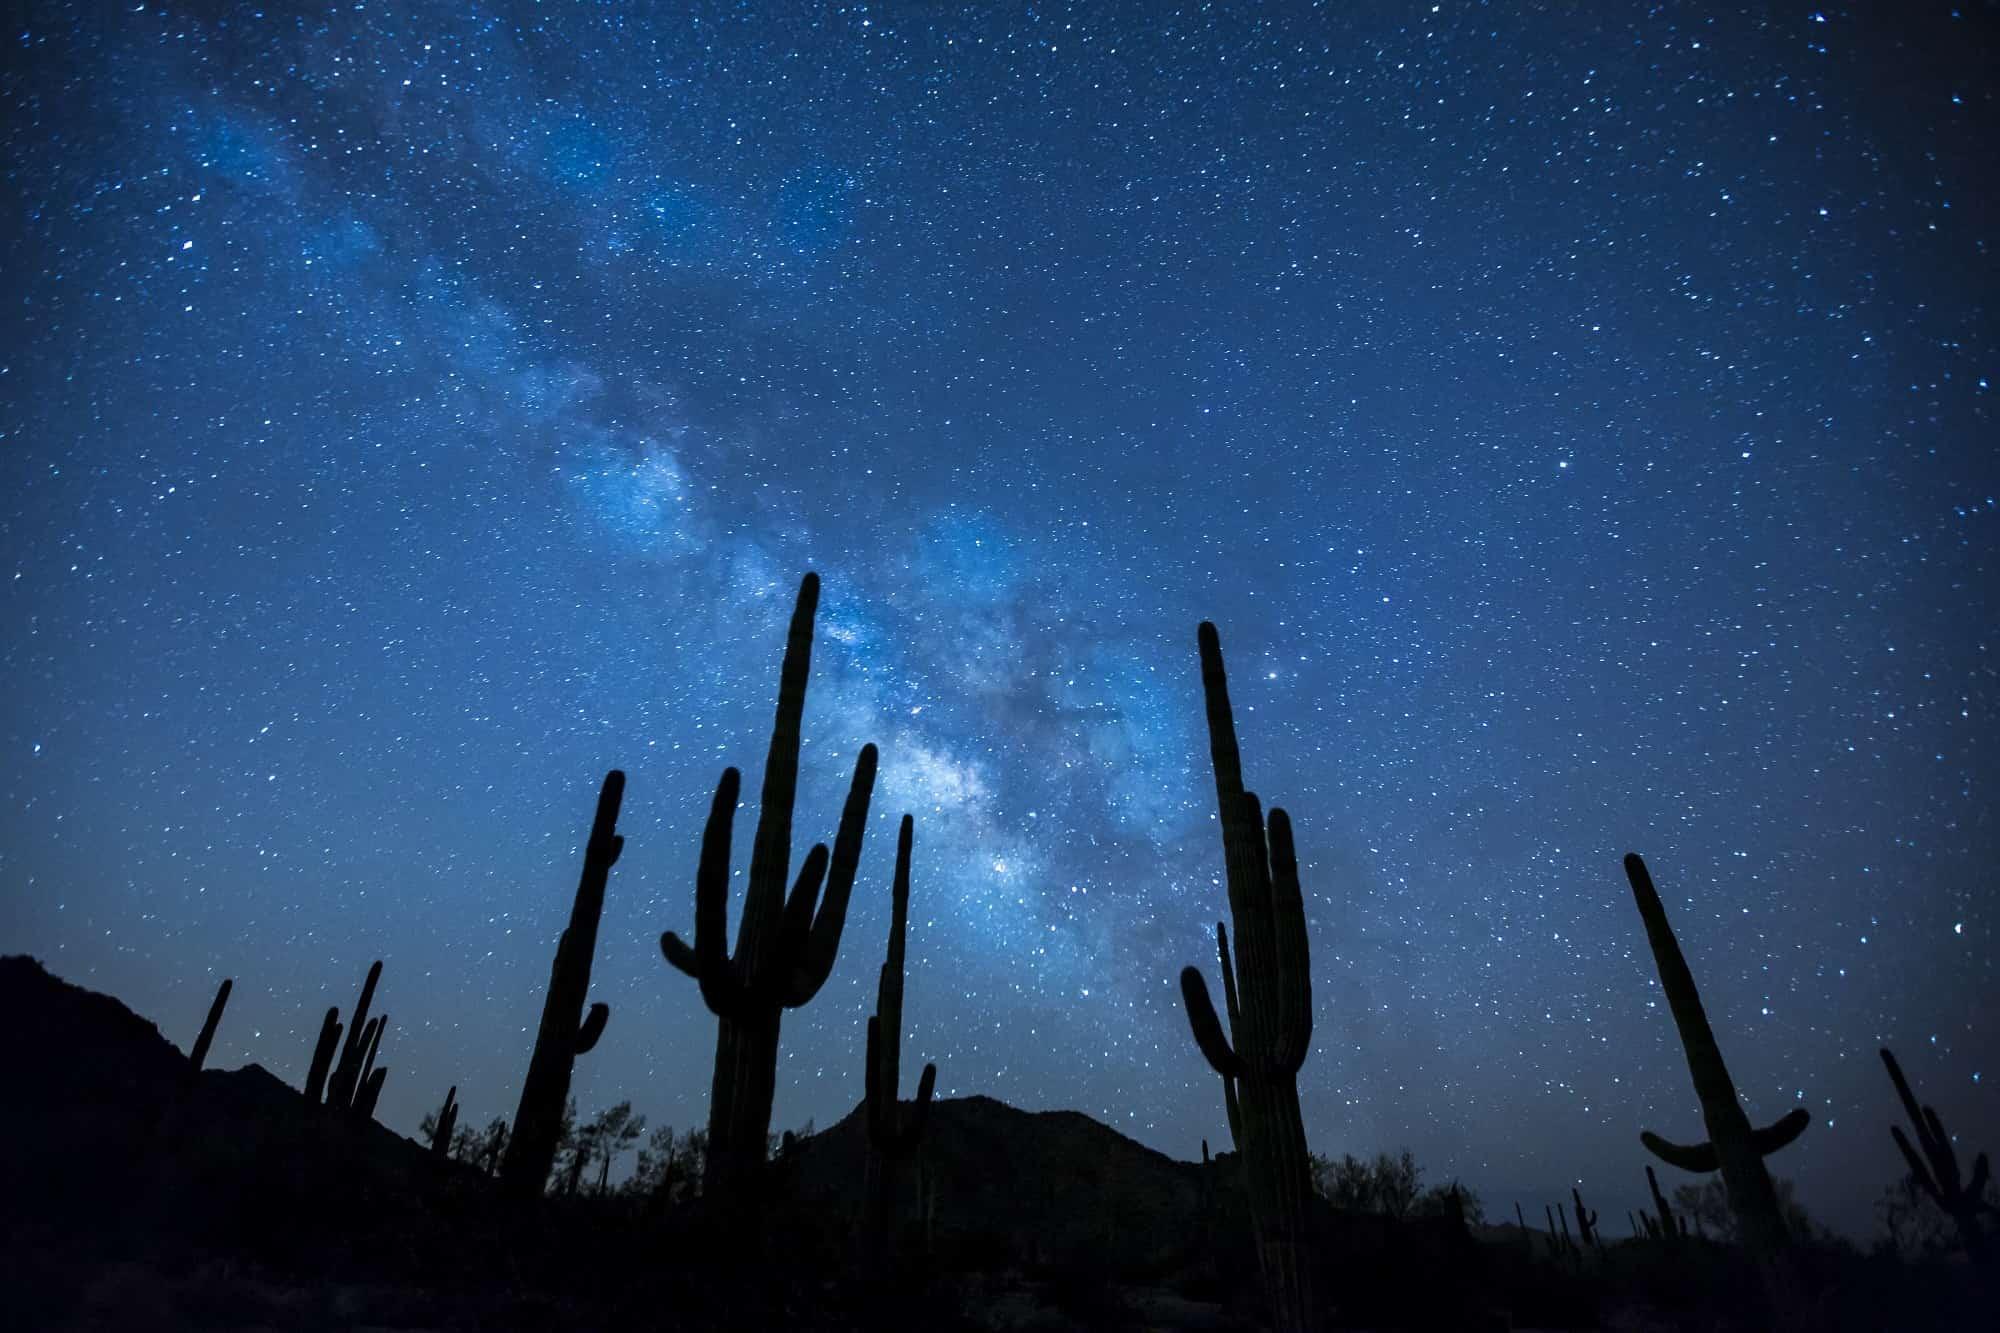 砂漠のサボテンと天の川